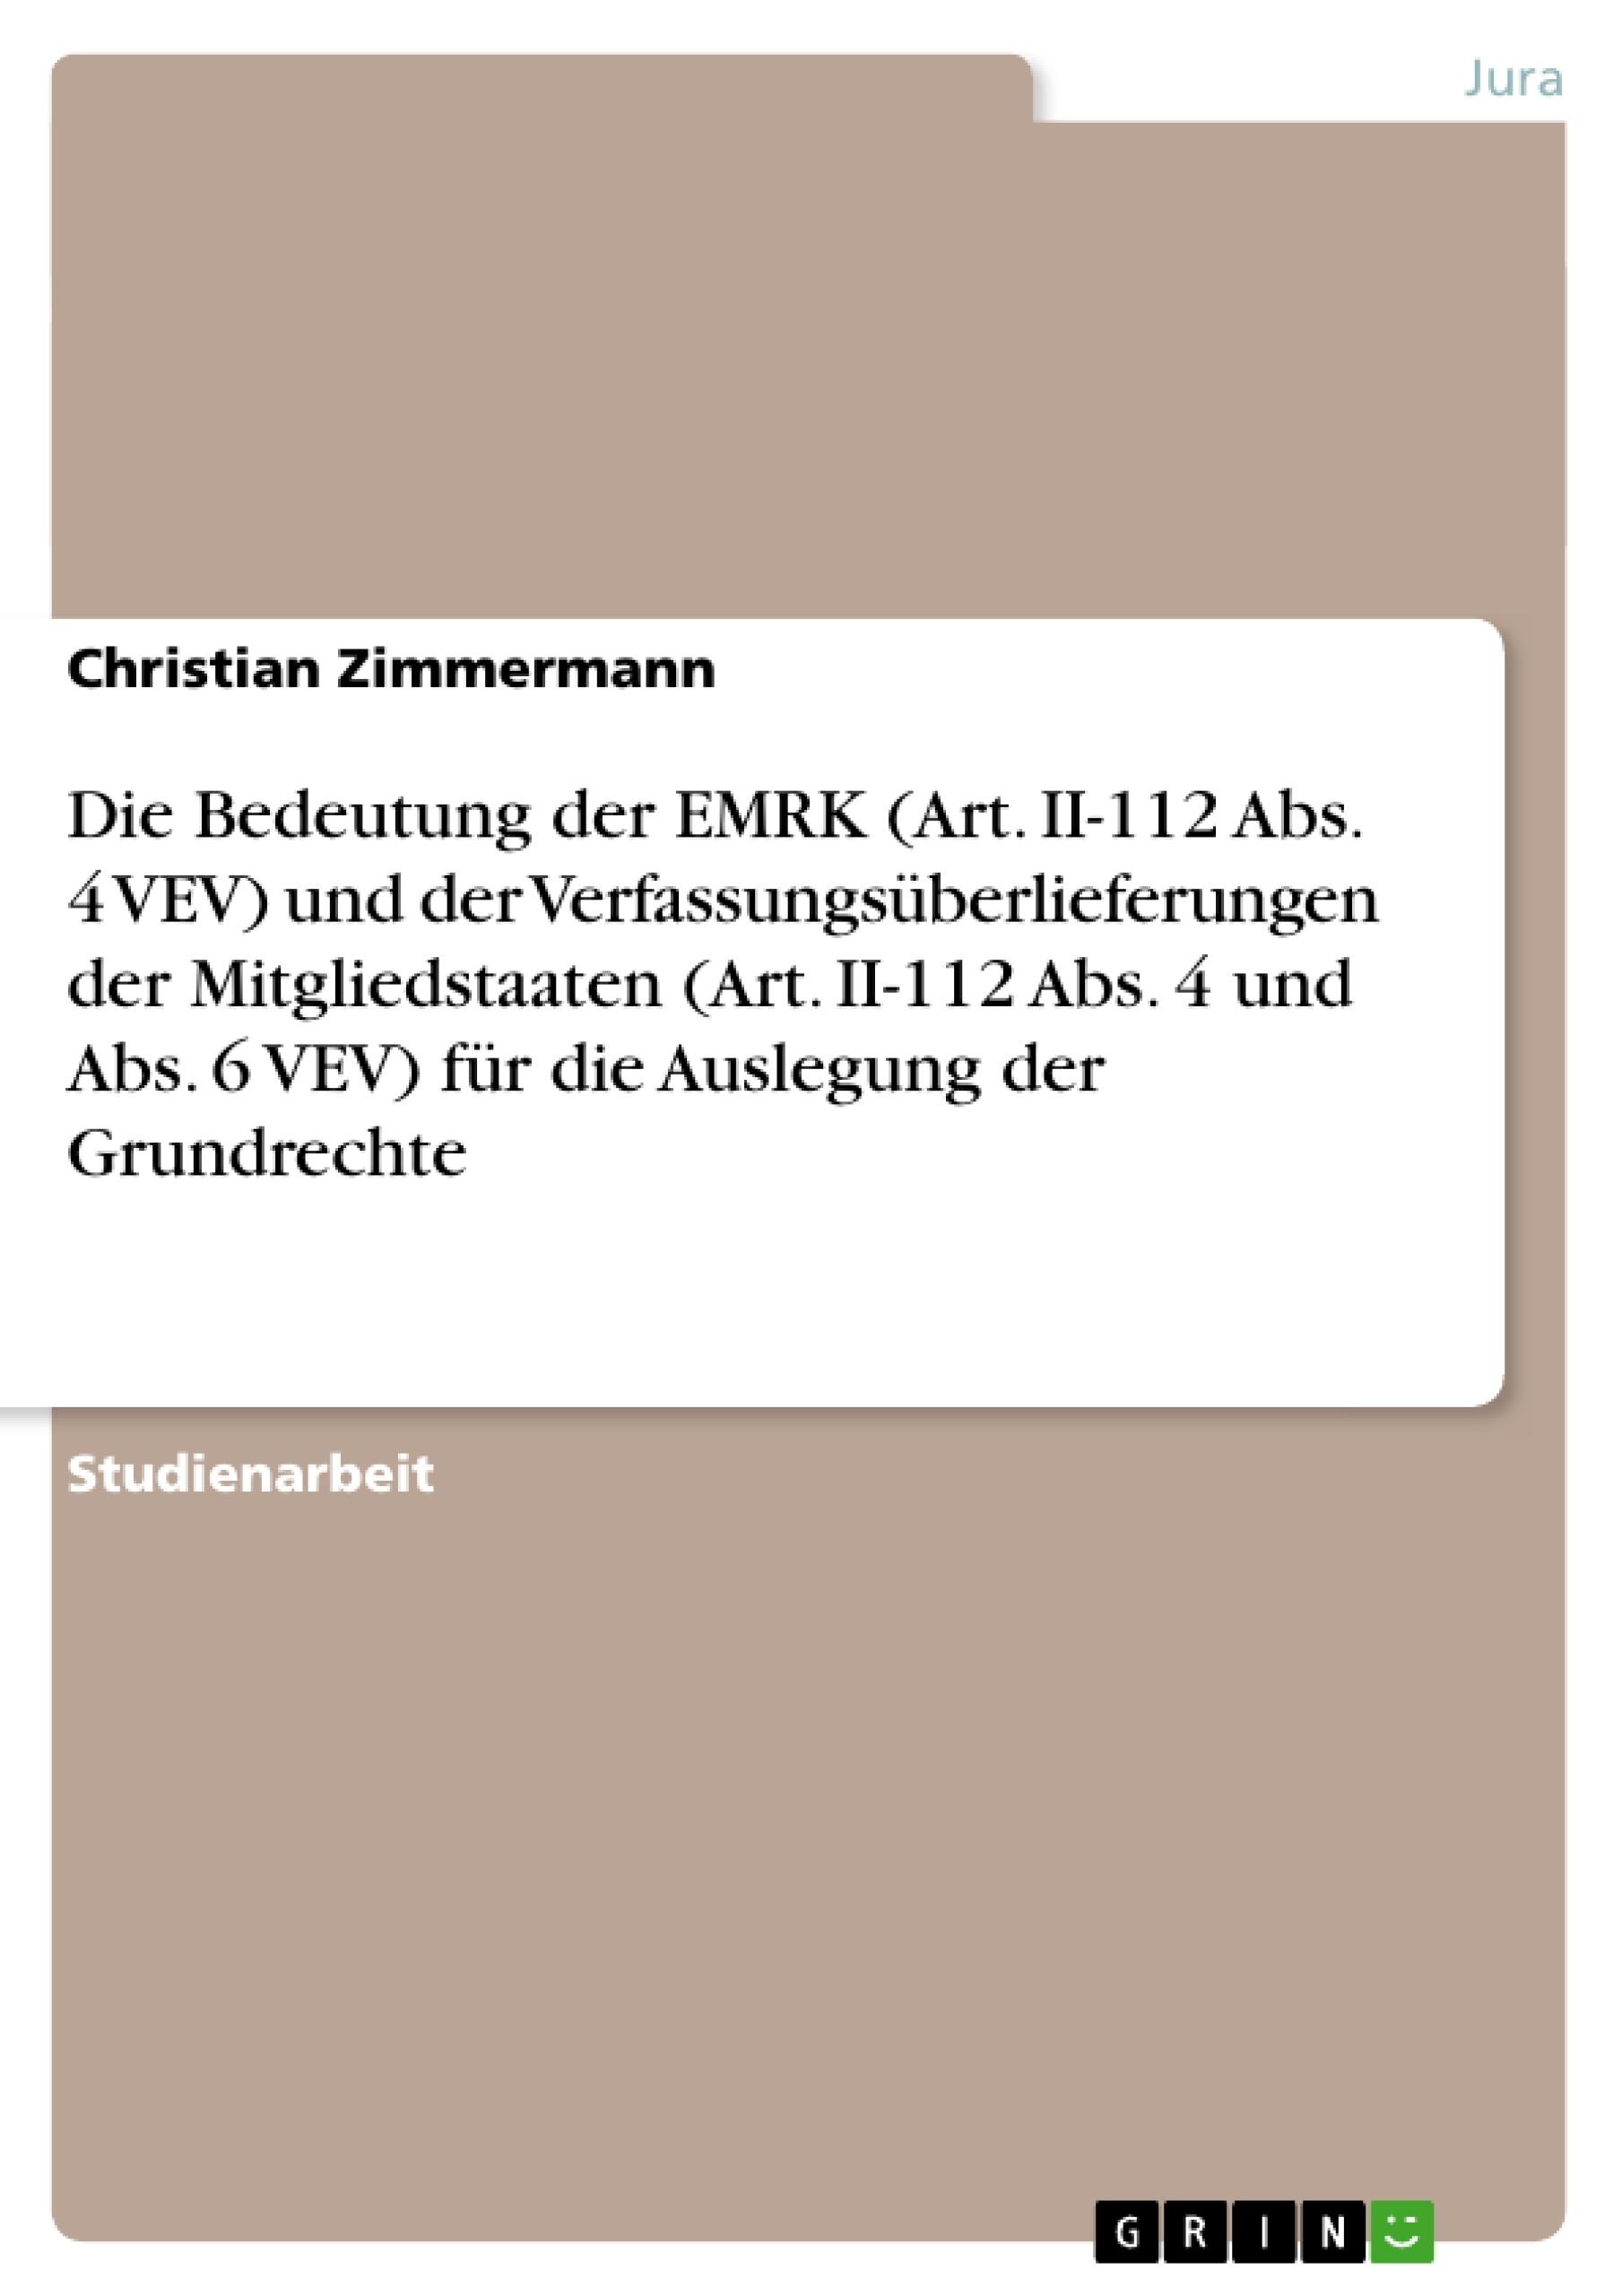 Titel: Die Bedeutung der EMRK (Art. II-112 Abs. 4 VEV) und der Verfassungsüberlieferungen der Mitgliedstaaten (Art. II-112 Abs. 4 und Abs. 6 VEV) für die Auslegung der Grundrechte